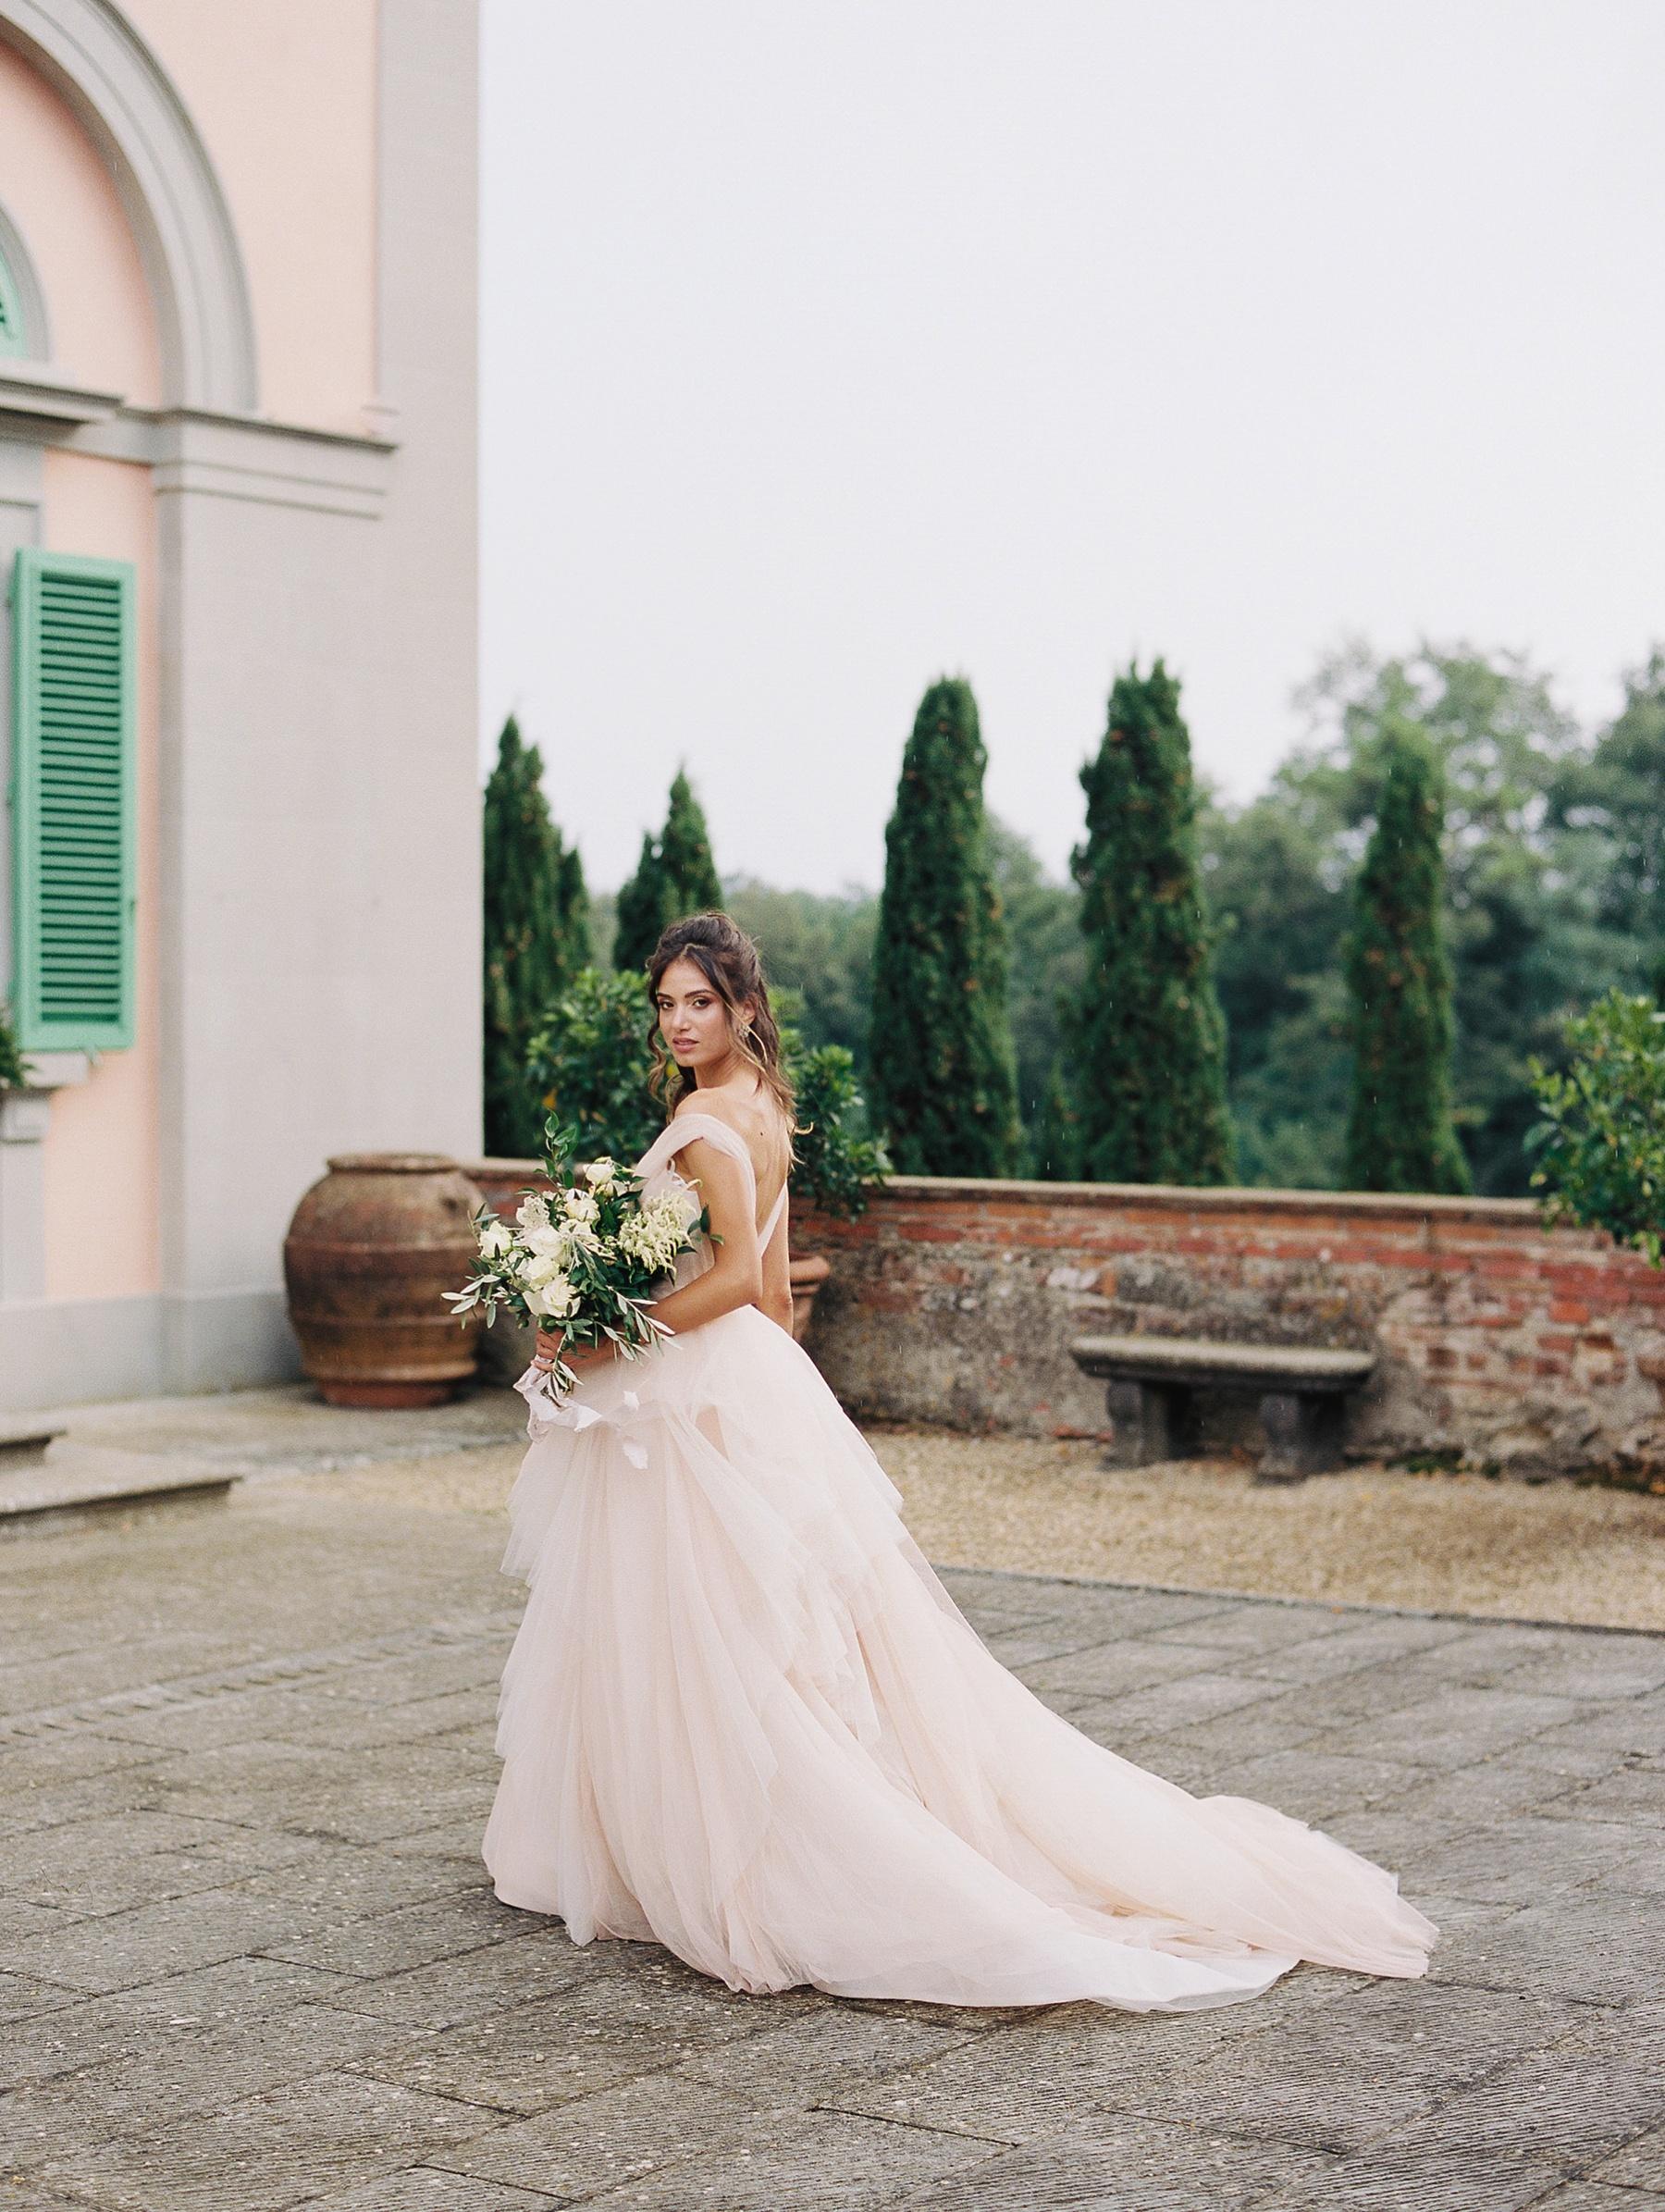 Il Borro Tuscany Italy Wedding Photographer_0788.jpg